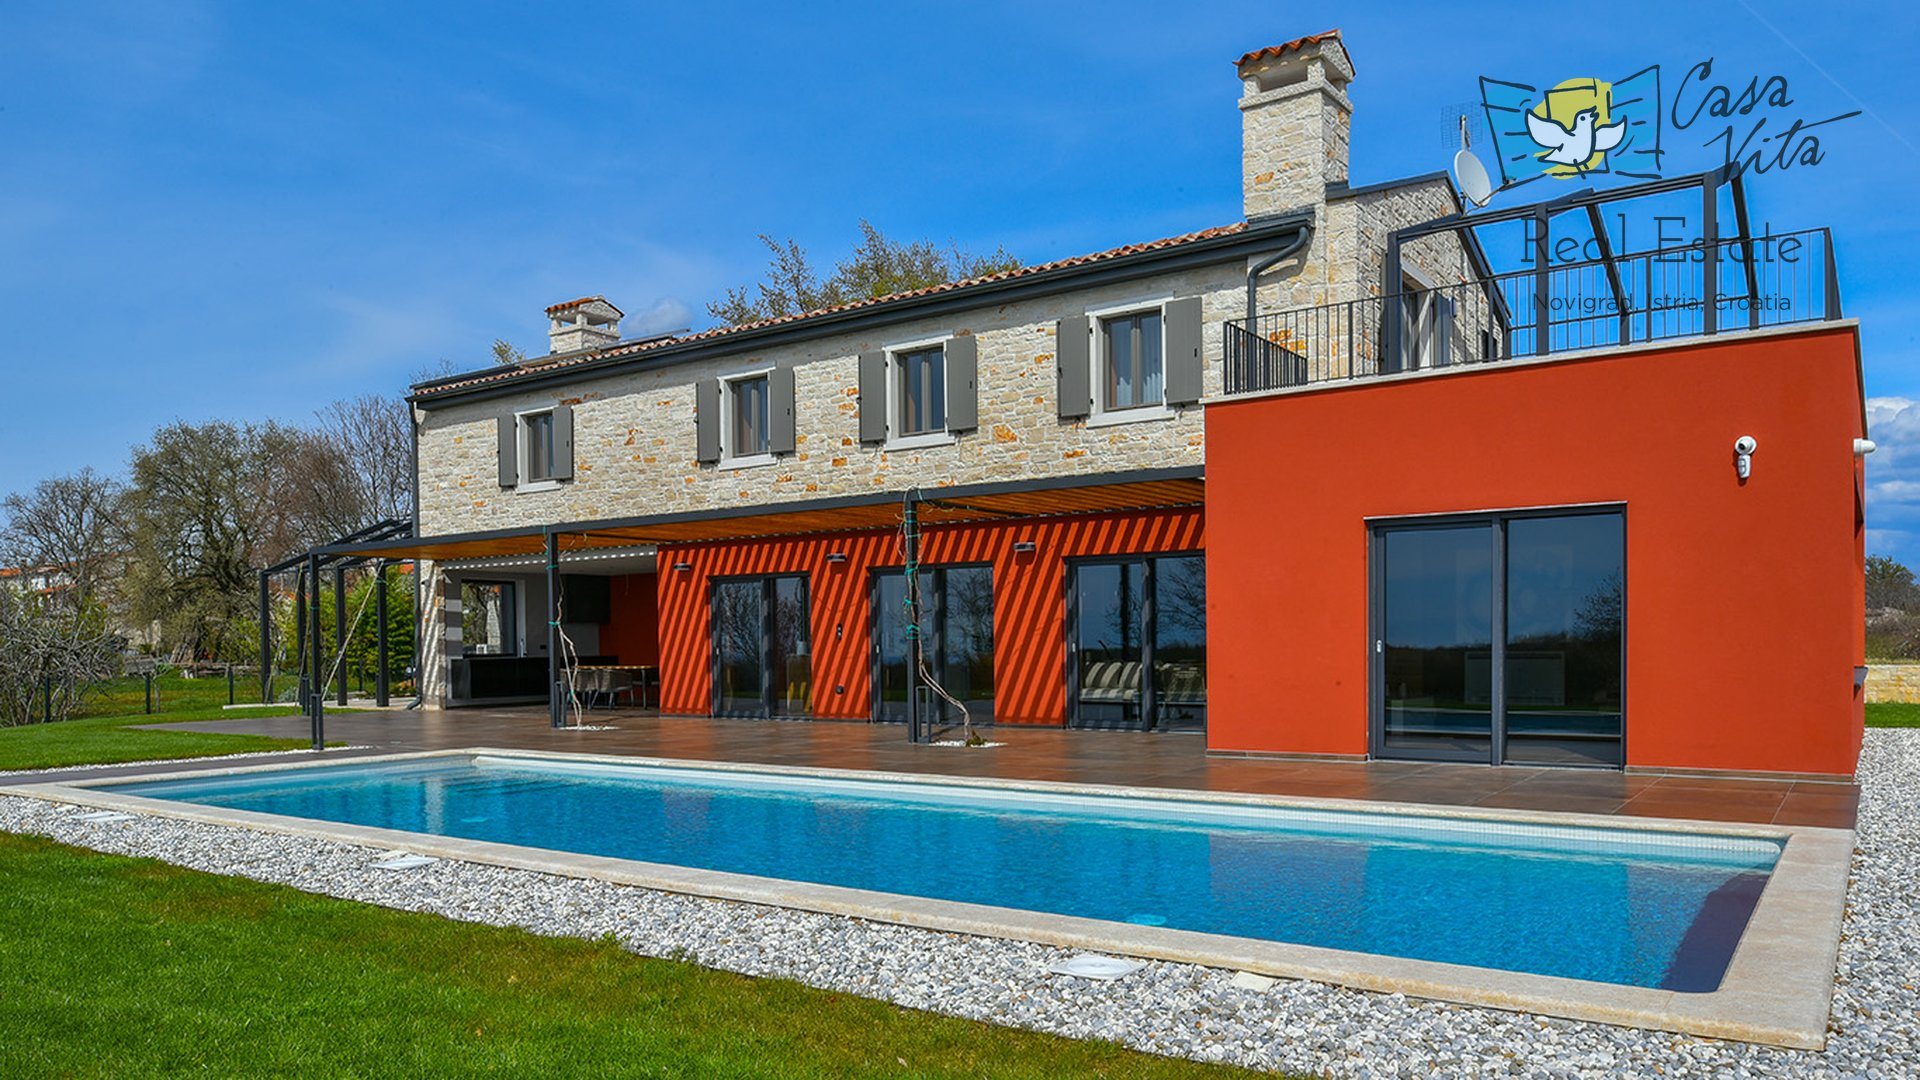 Predivna dizajnerska vila nadomak Vižinade, 15km od mora i grada Poreča!